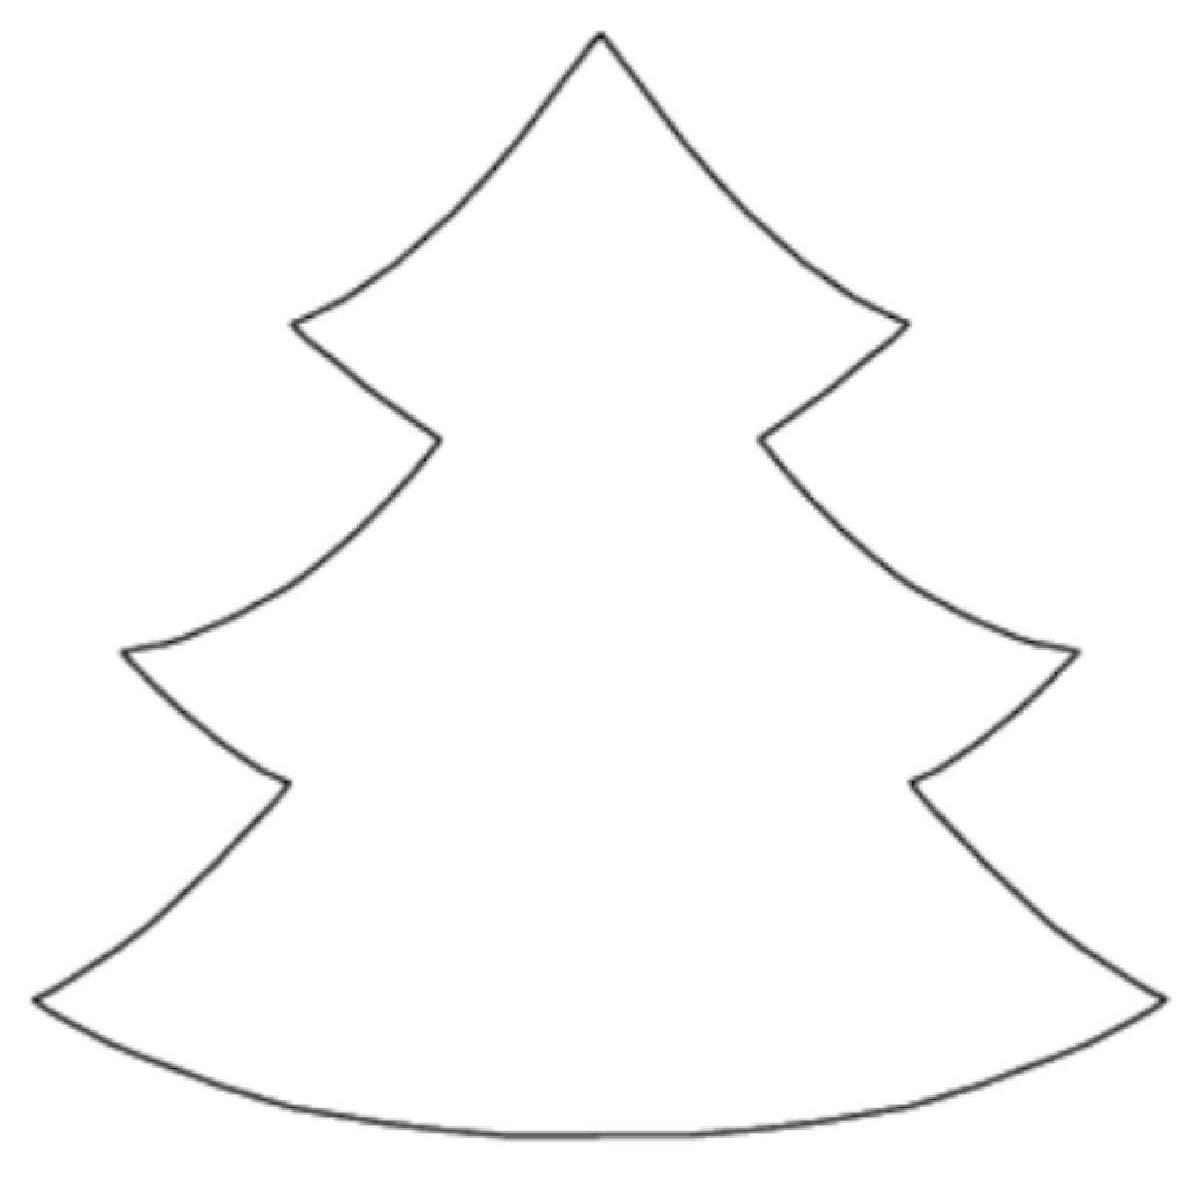 gro artig weihnachtsbaum gliederung vorlage zeitgen ssisch entry level resume vorlagen. Black Bedroom Furniture Sets. Home Design Ideas